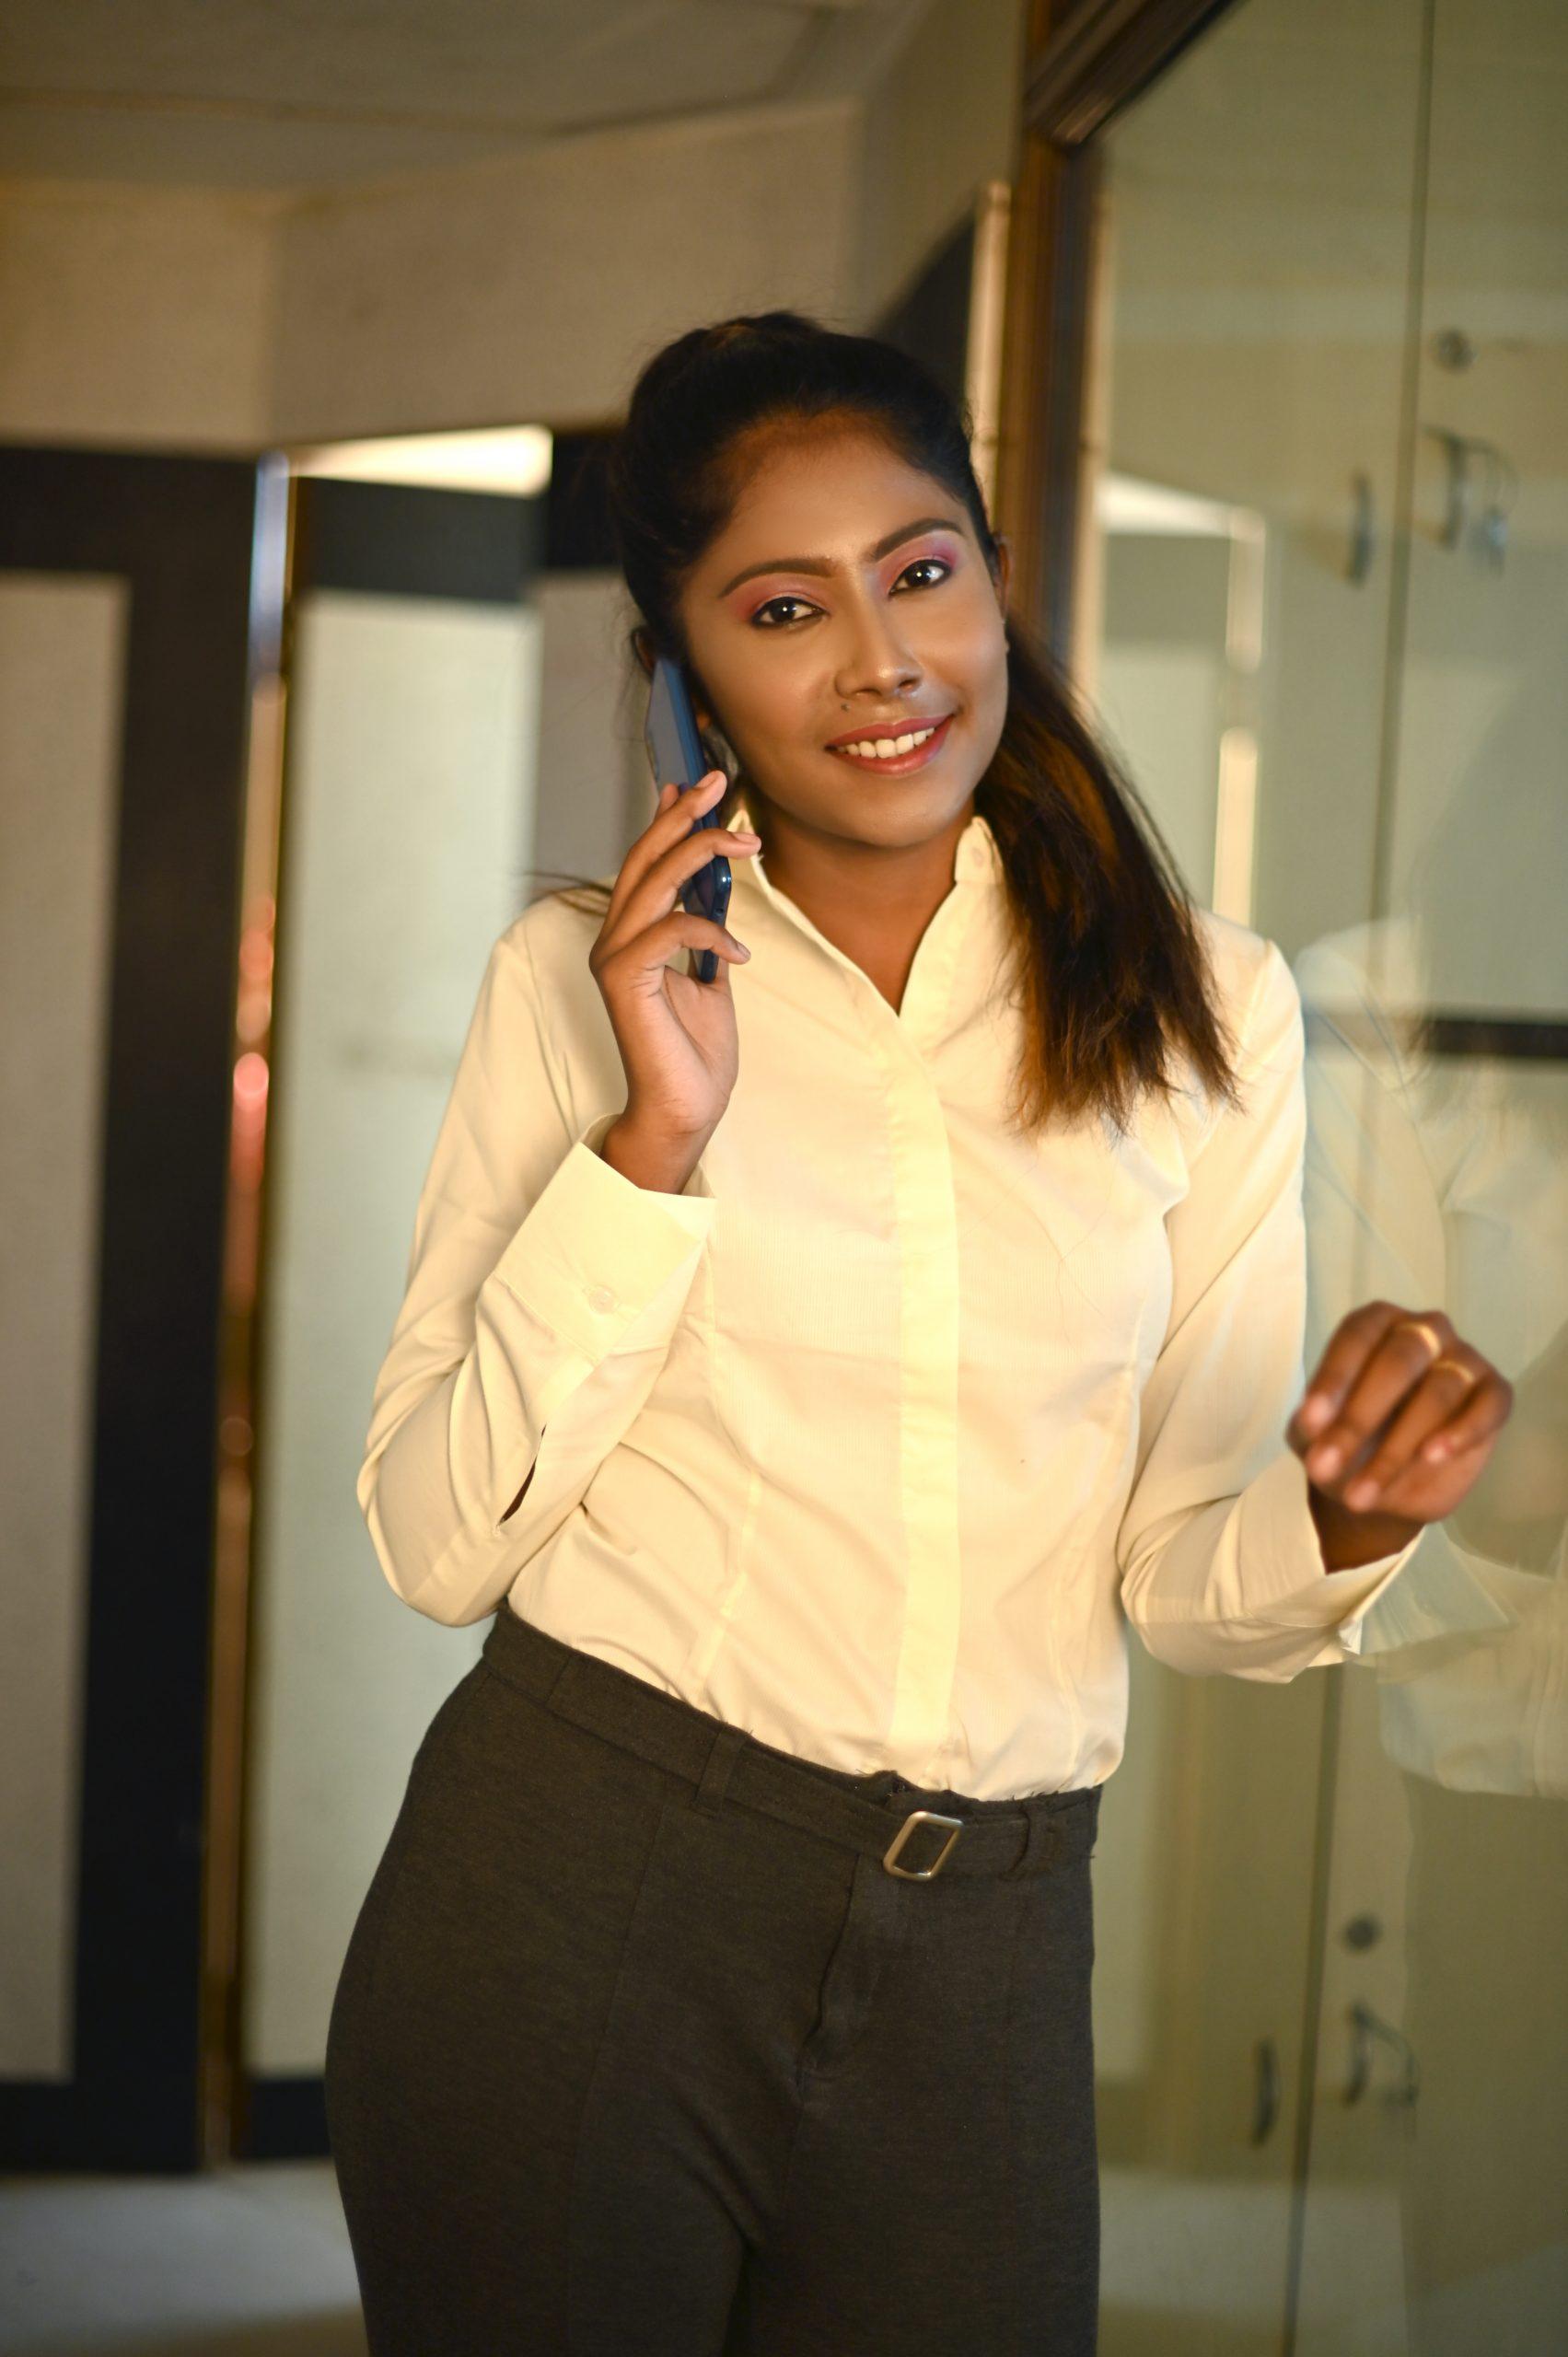 Happy Corporate Girl